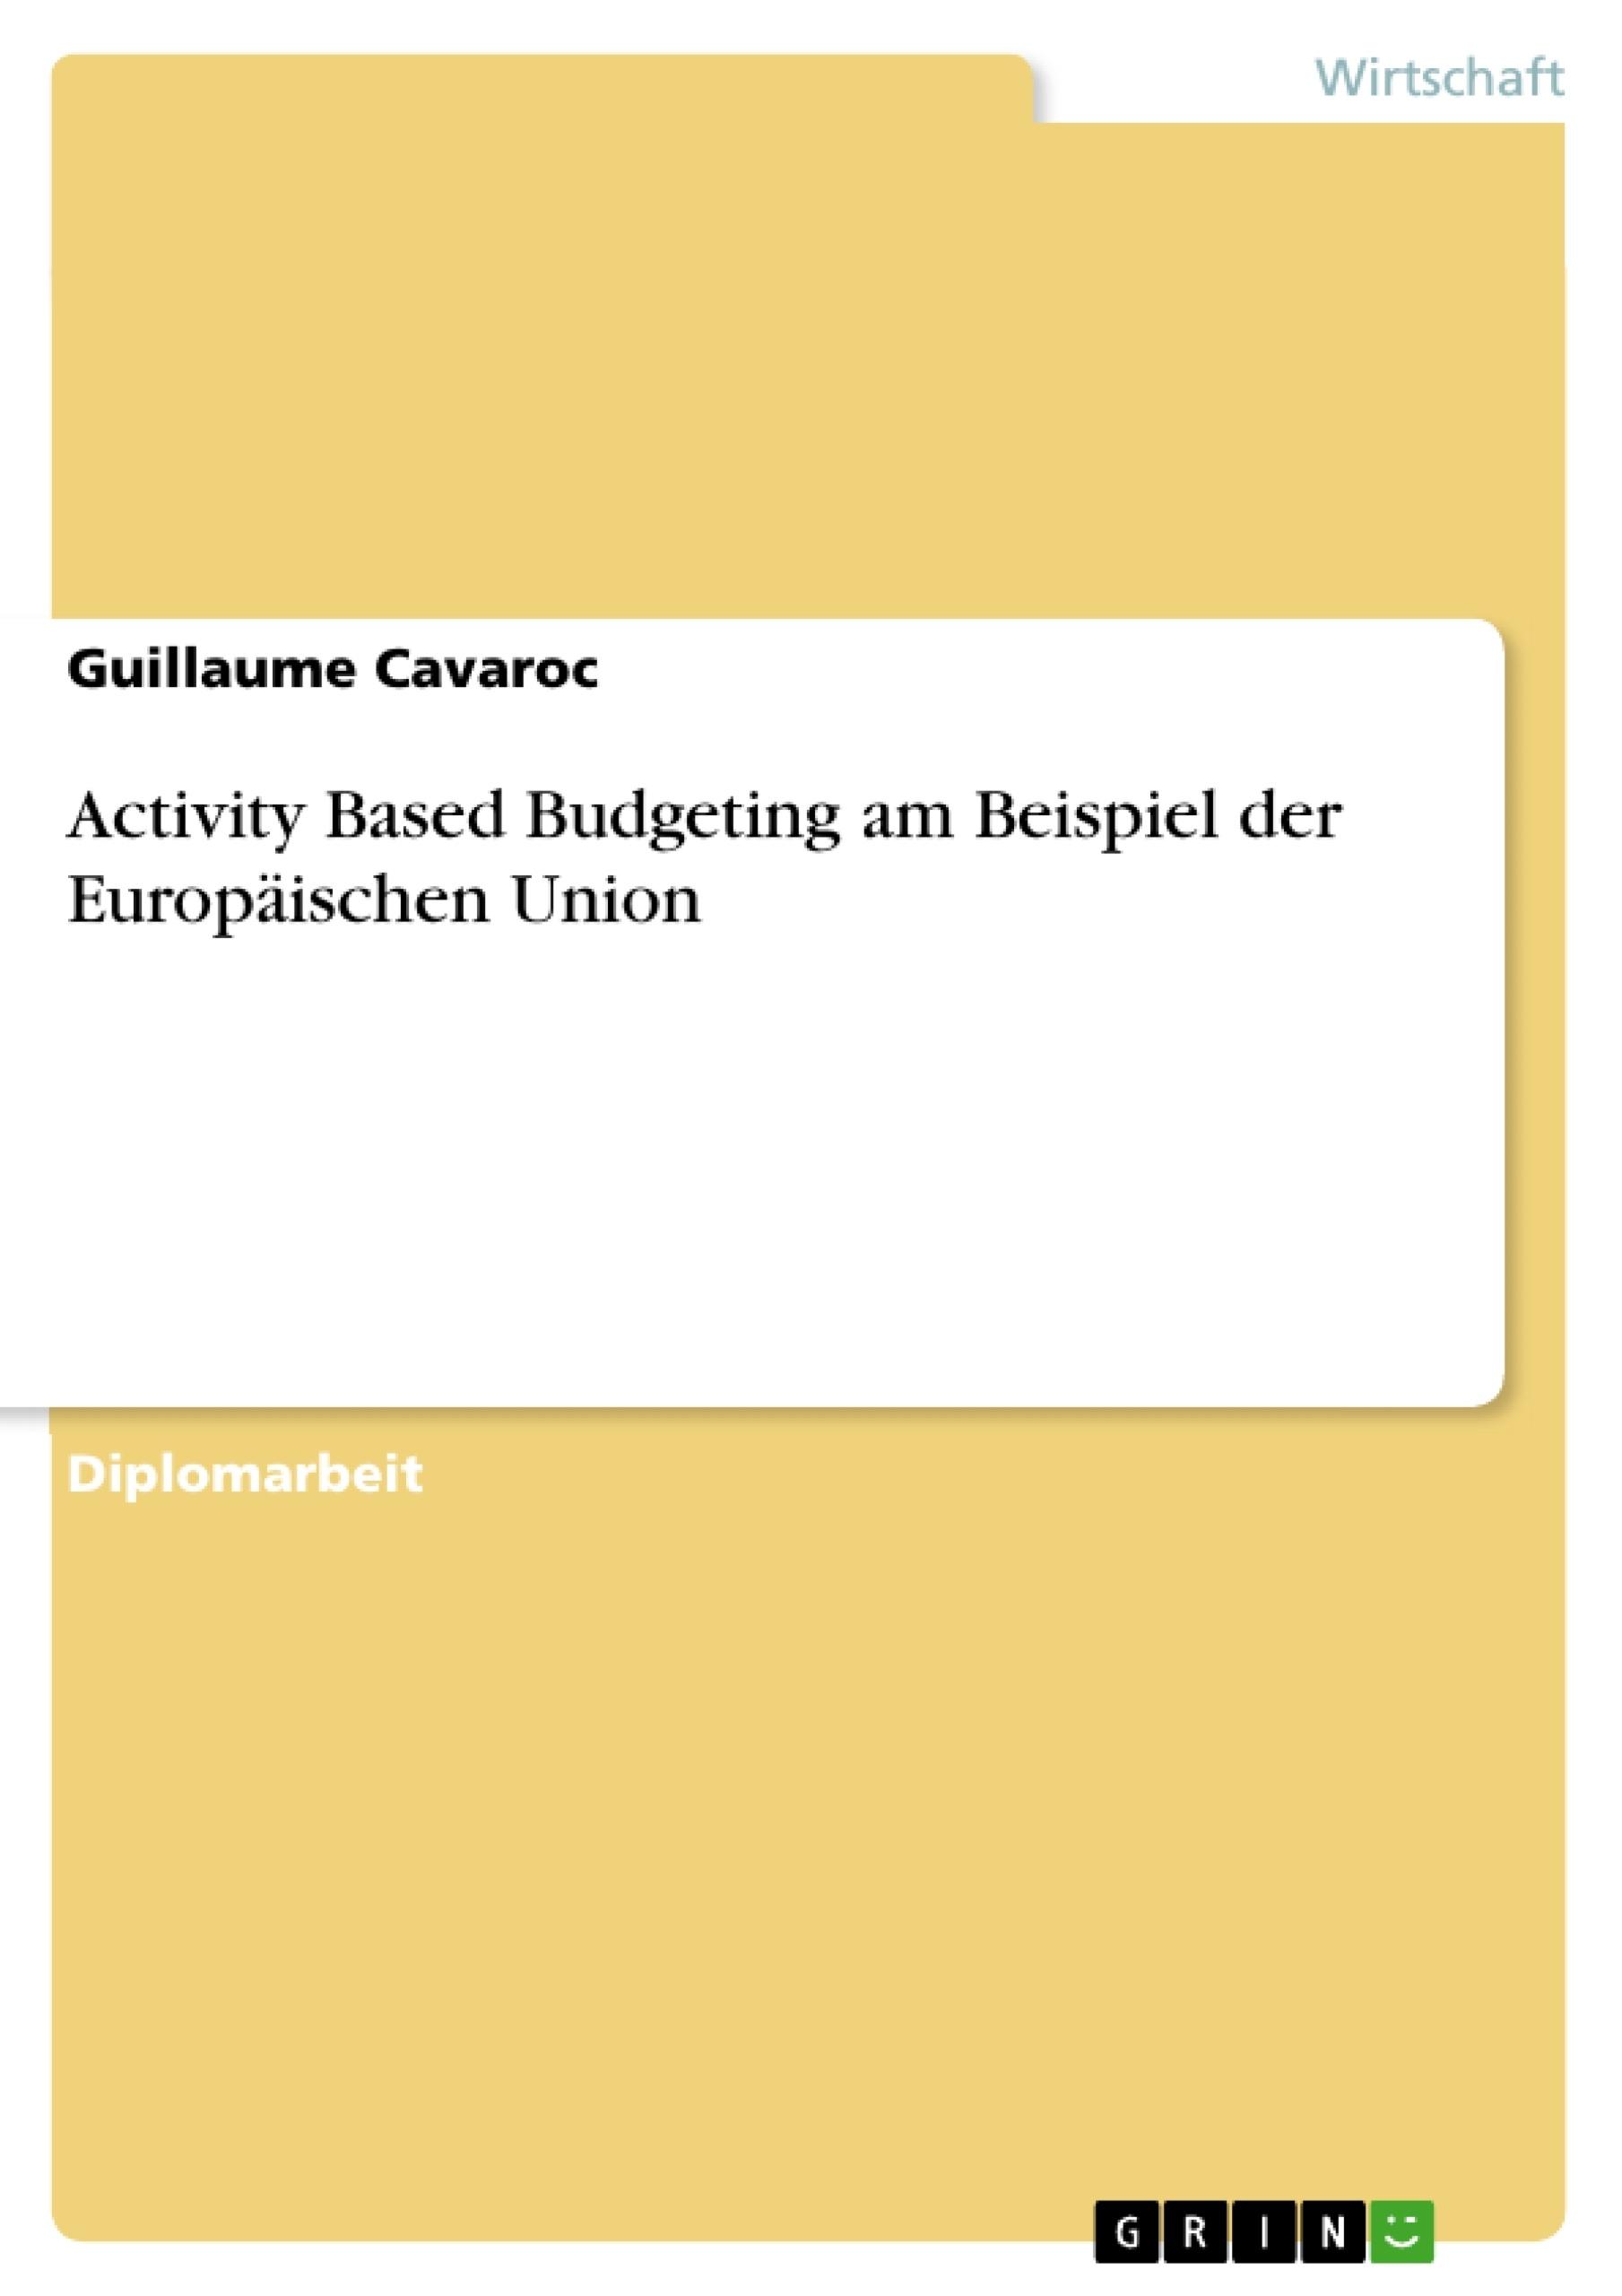 Titel: Activity Based Budgeting am Beispiel der Europäischen Union